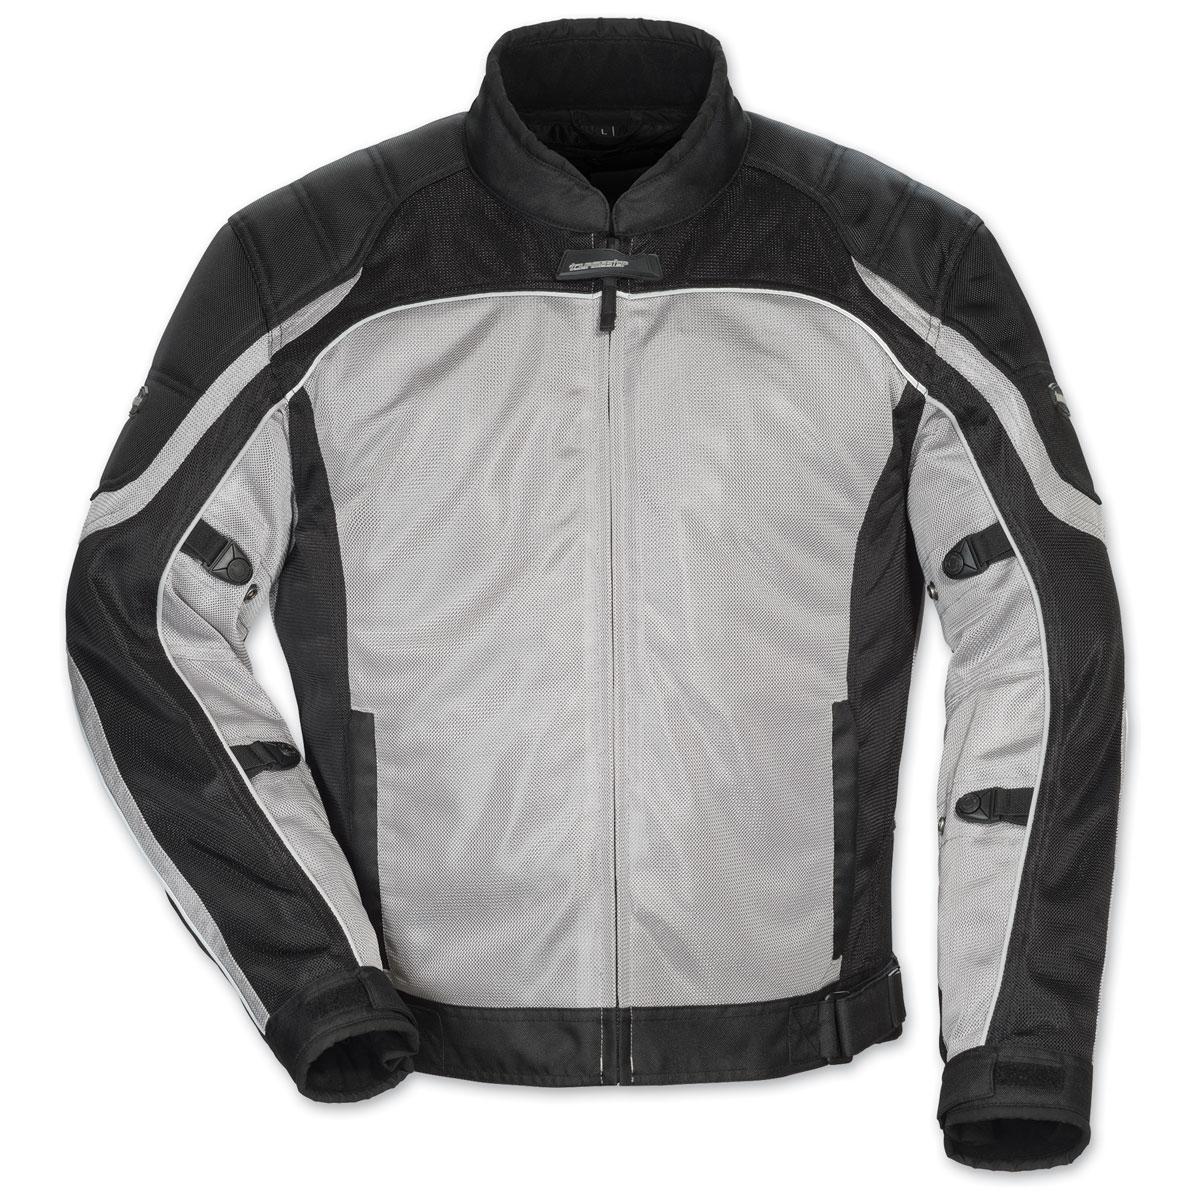 Tour Master Men's Intake Air 4 Silver/Black Jacket